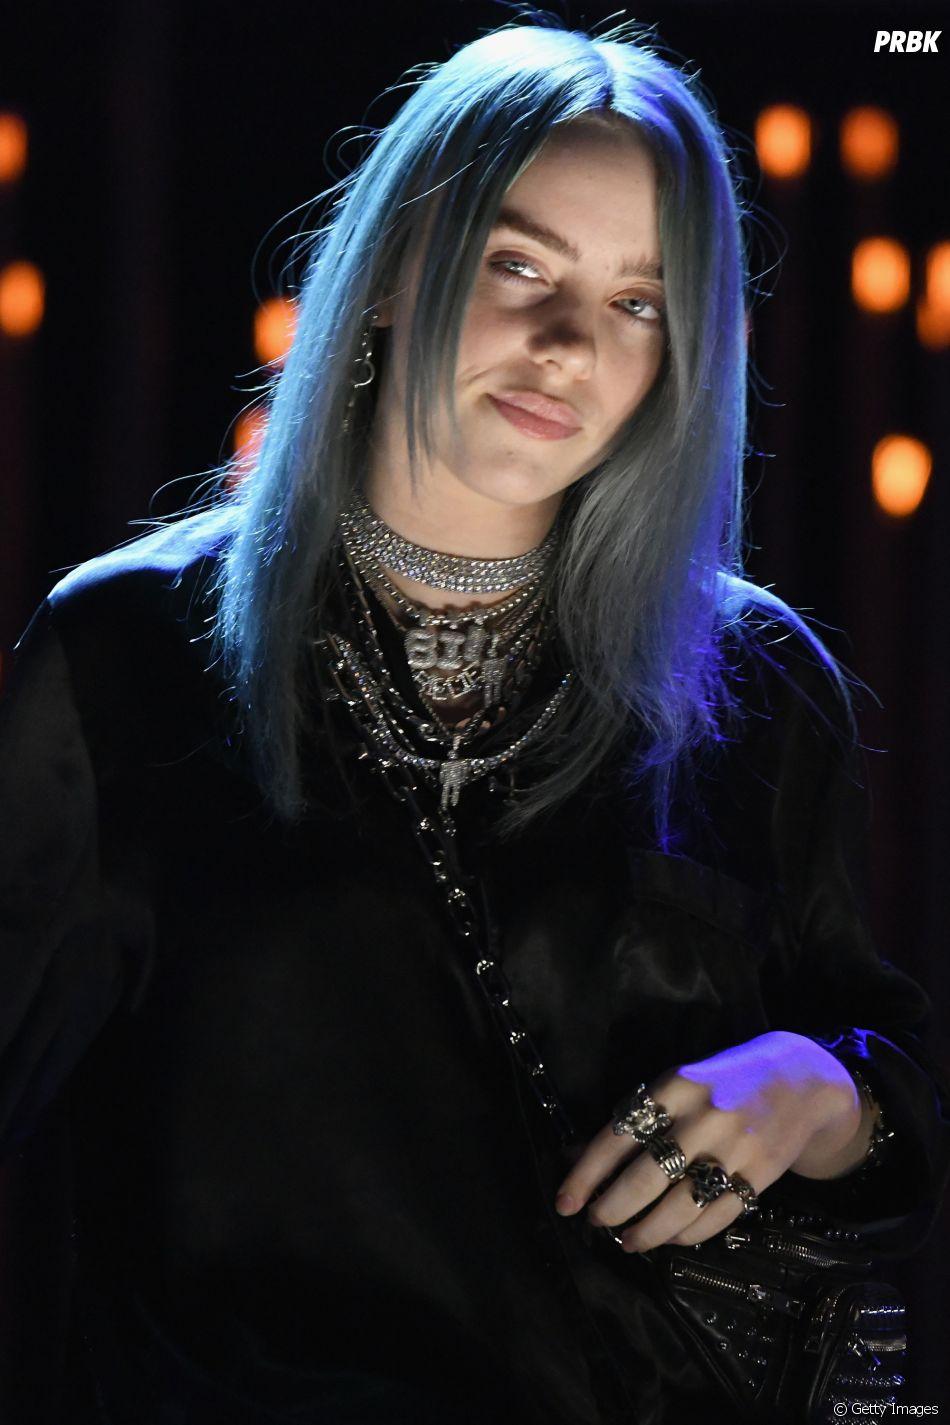 Nova era de Billie Eilish virá com novo cabelo